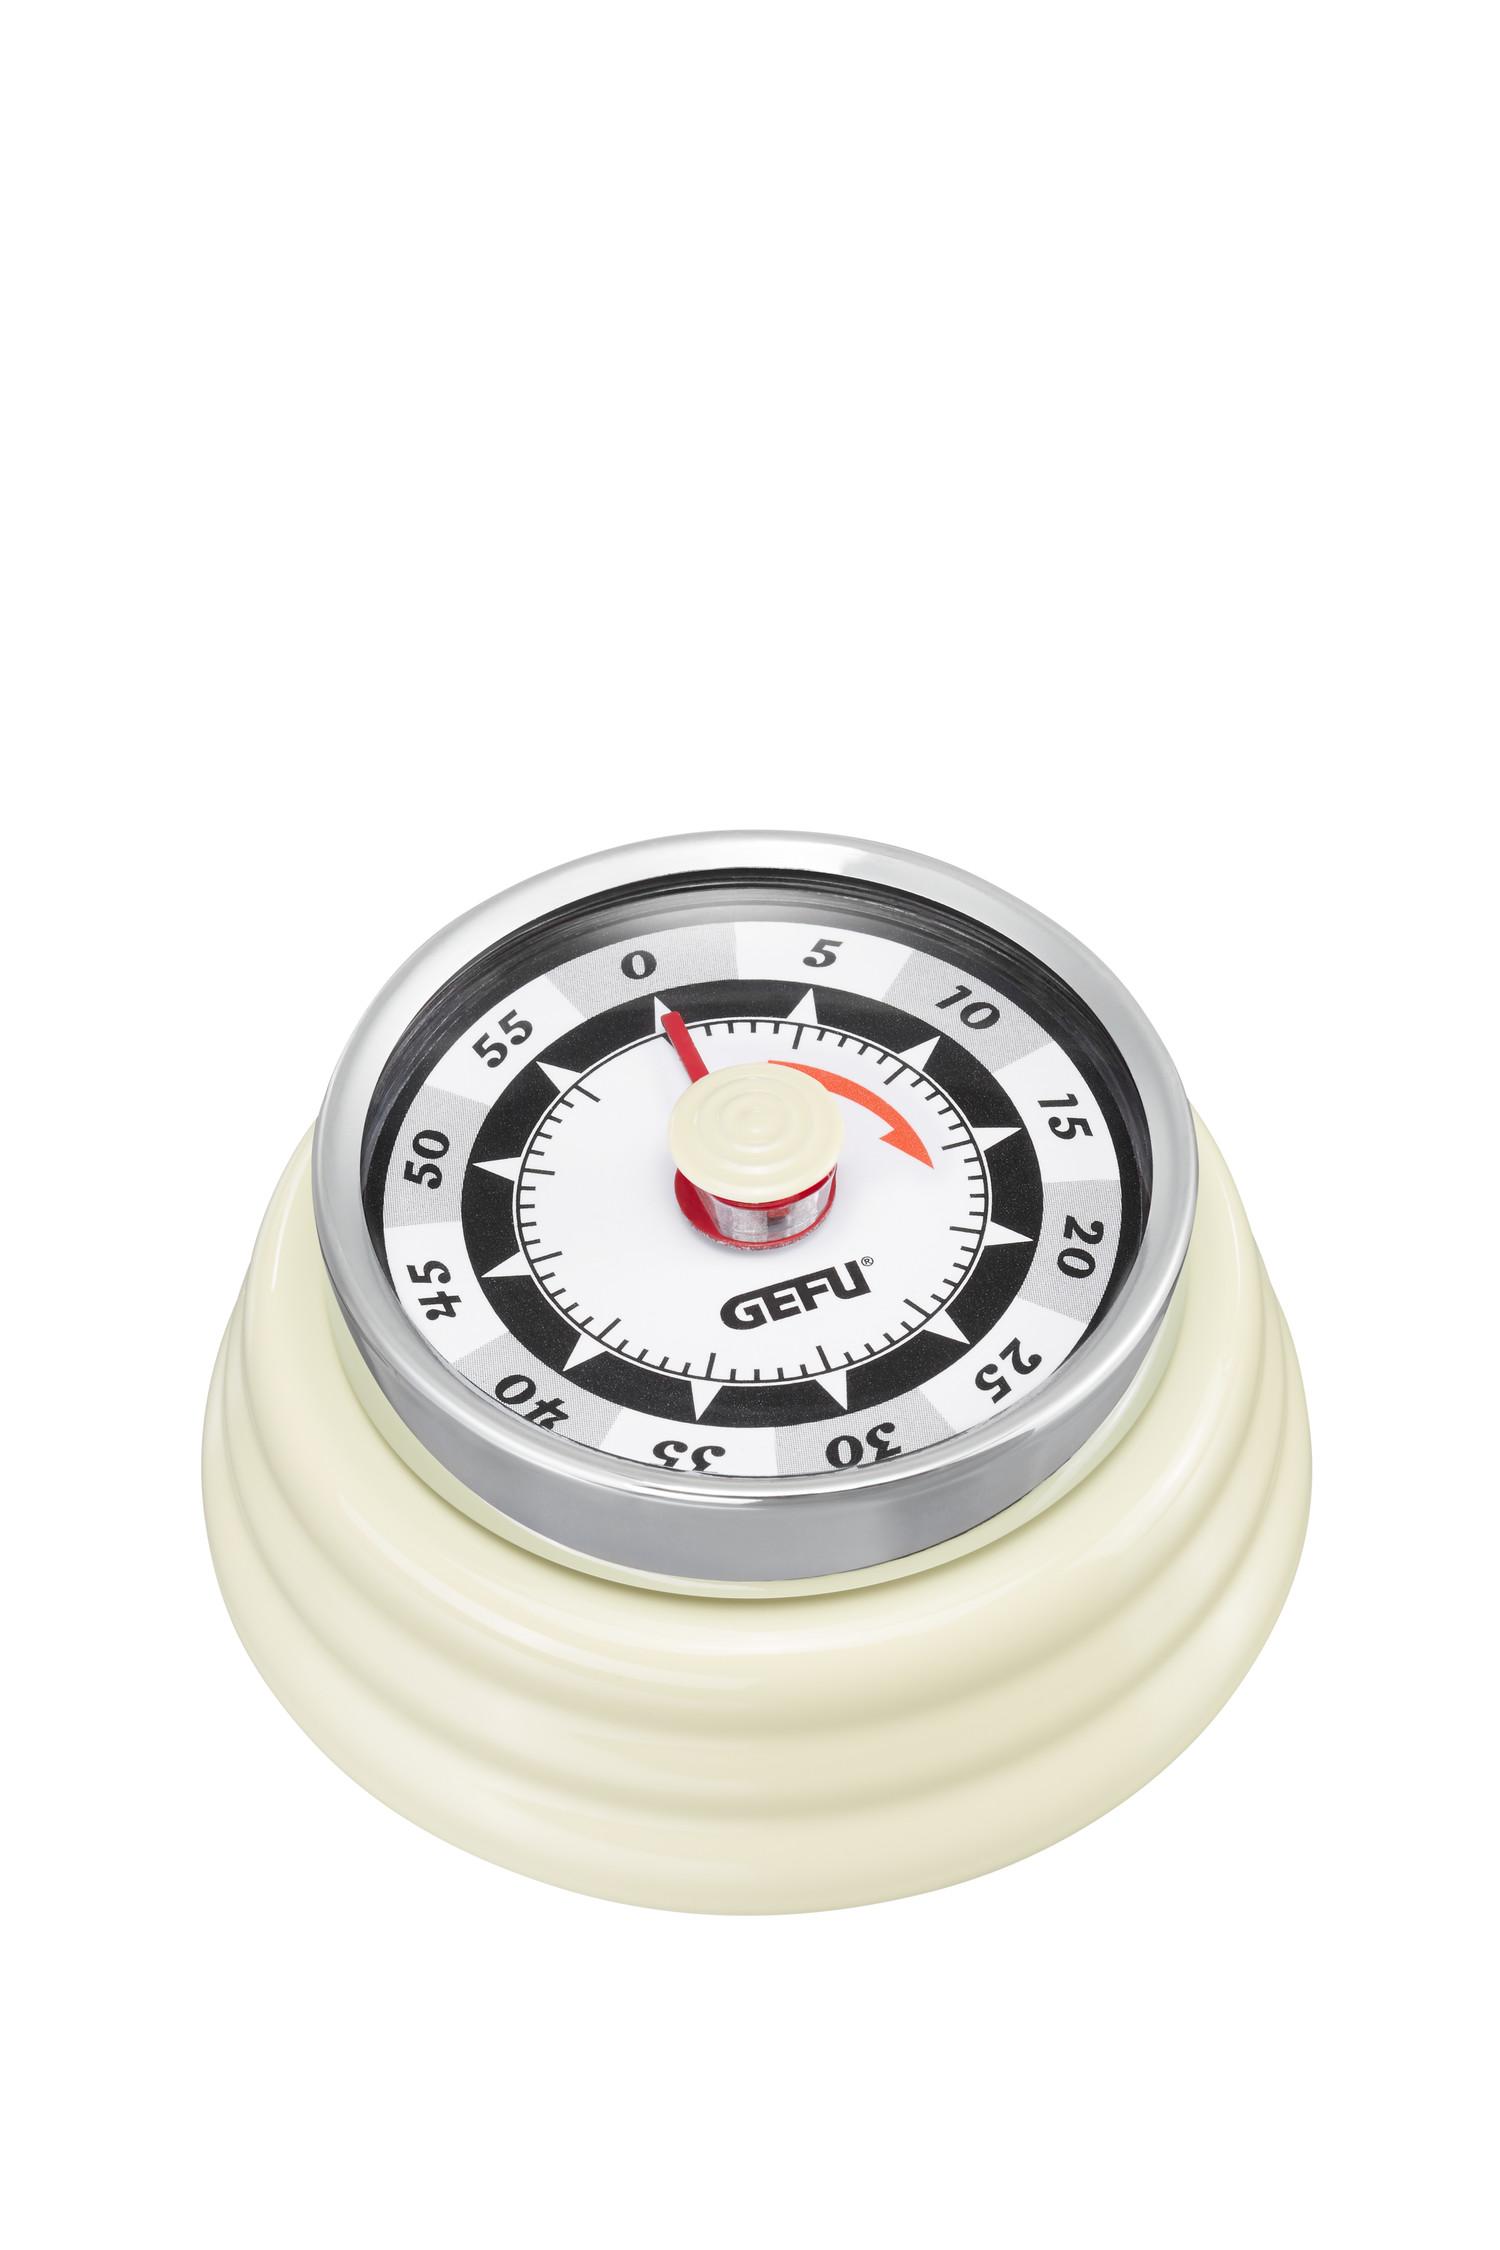 gefu  Minuteur RETRO, crème Le look rétro du minuteur RETRO s'allie... par LeGuide.com Publicité